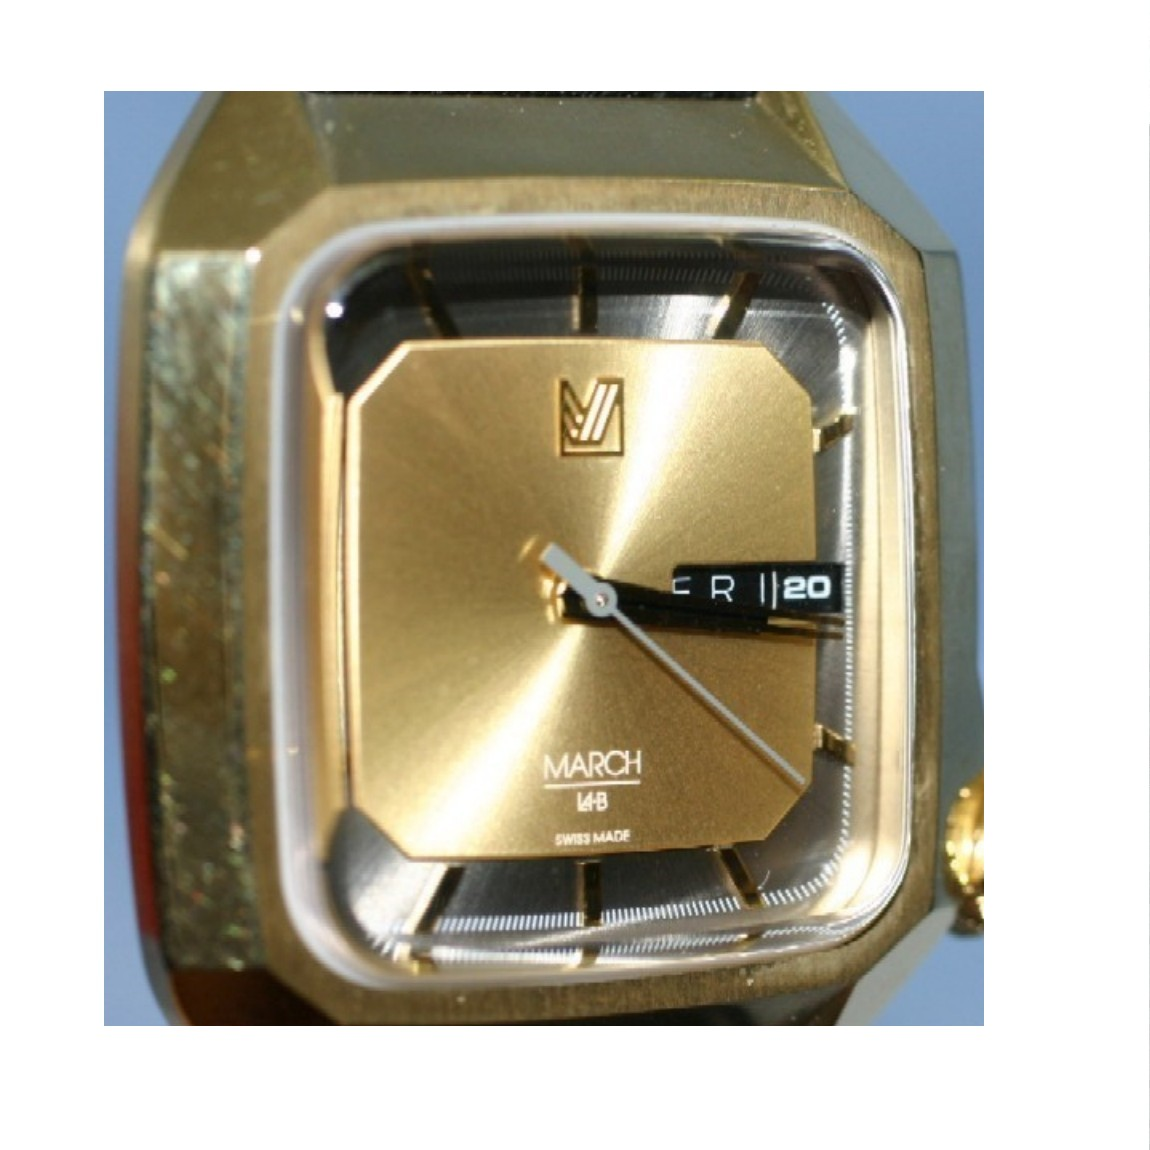 【最安値挑戦!】 【】本物完動美品 MARCH LA.B マーチエルビー AM2-38MM メモゴールドダイヤル パンチングバッファローレザーストラップ 紳士用クォーツのごつい時計 1ヶ月保証付き ○A10-98, シスイマチ c3d5c136